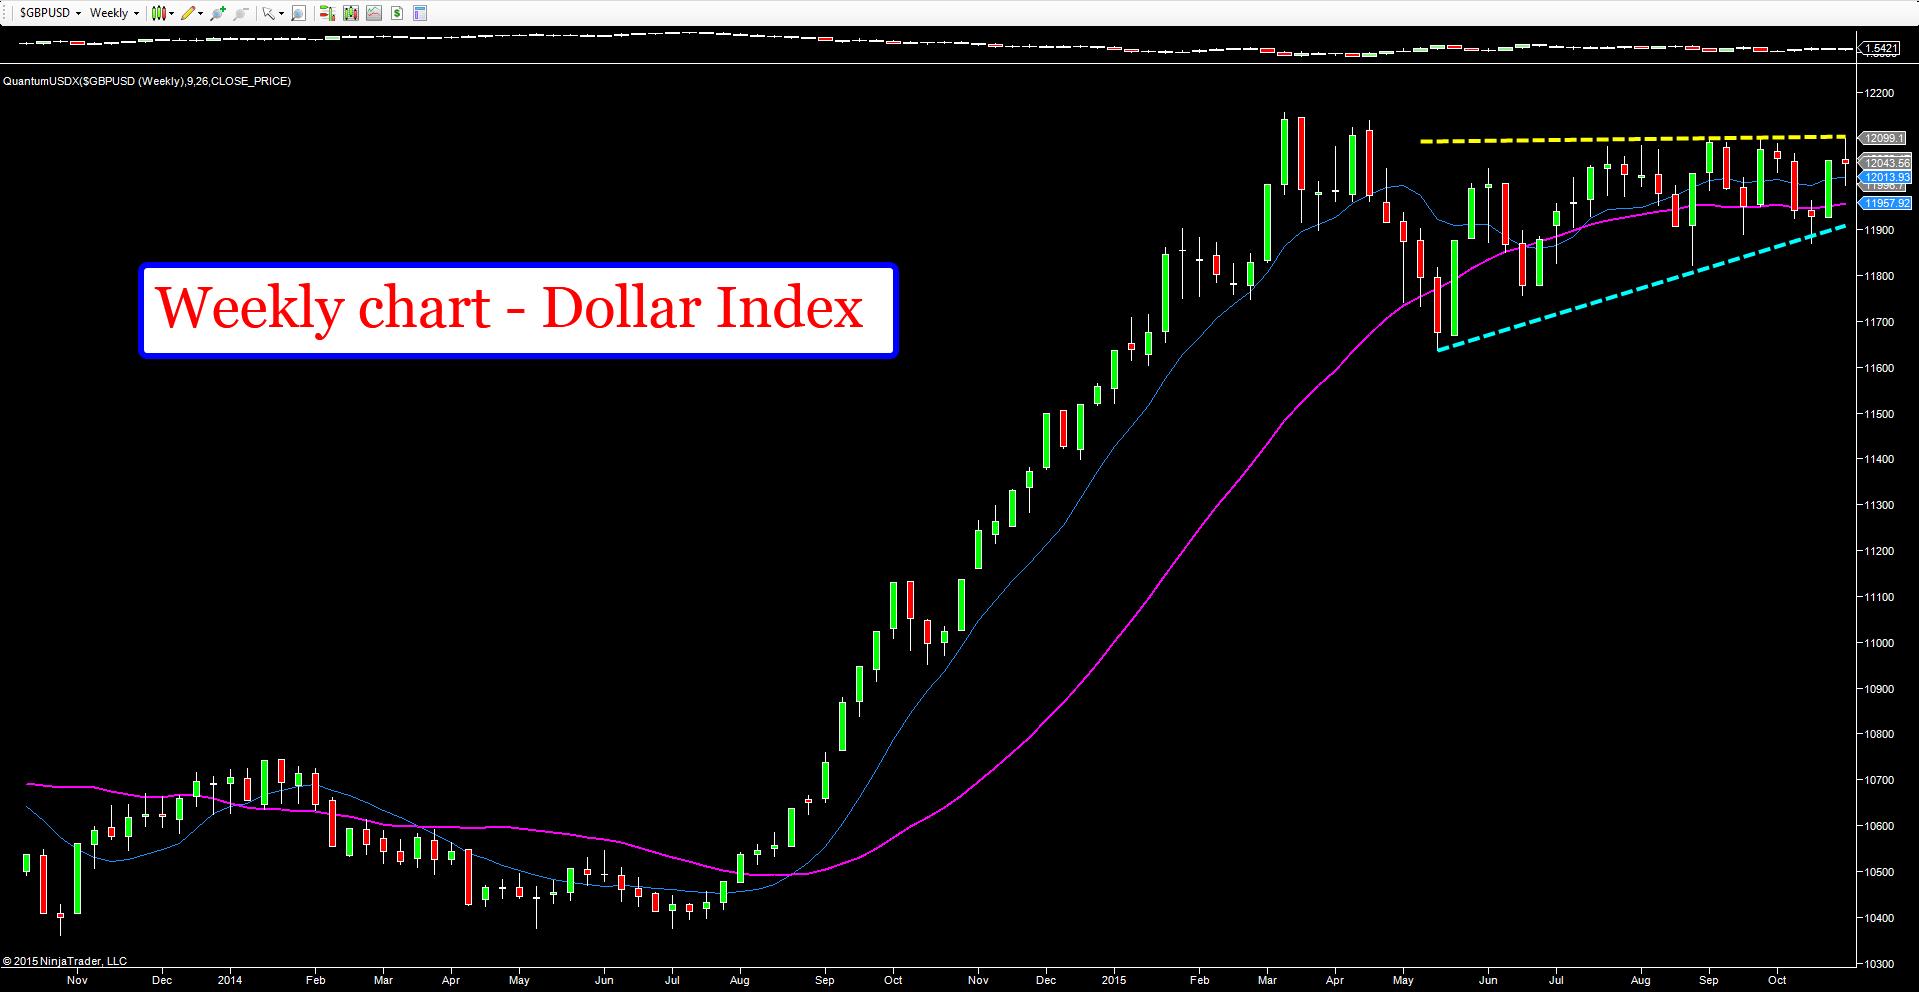 Weekly_chart_USDX